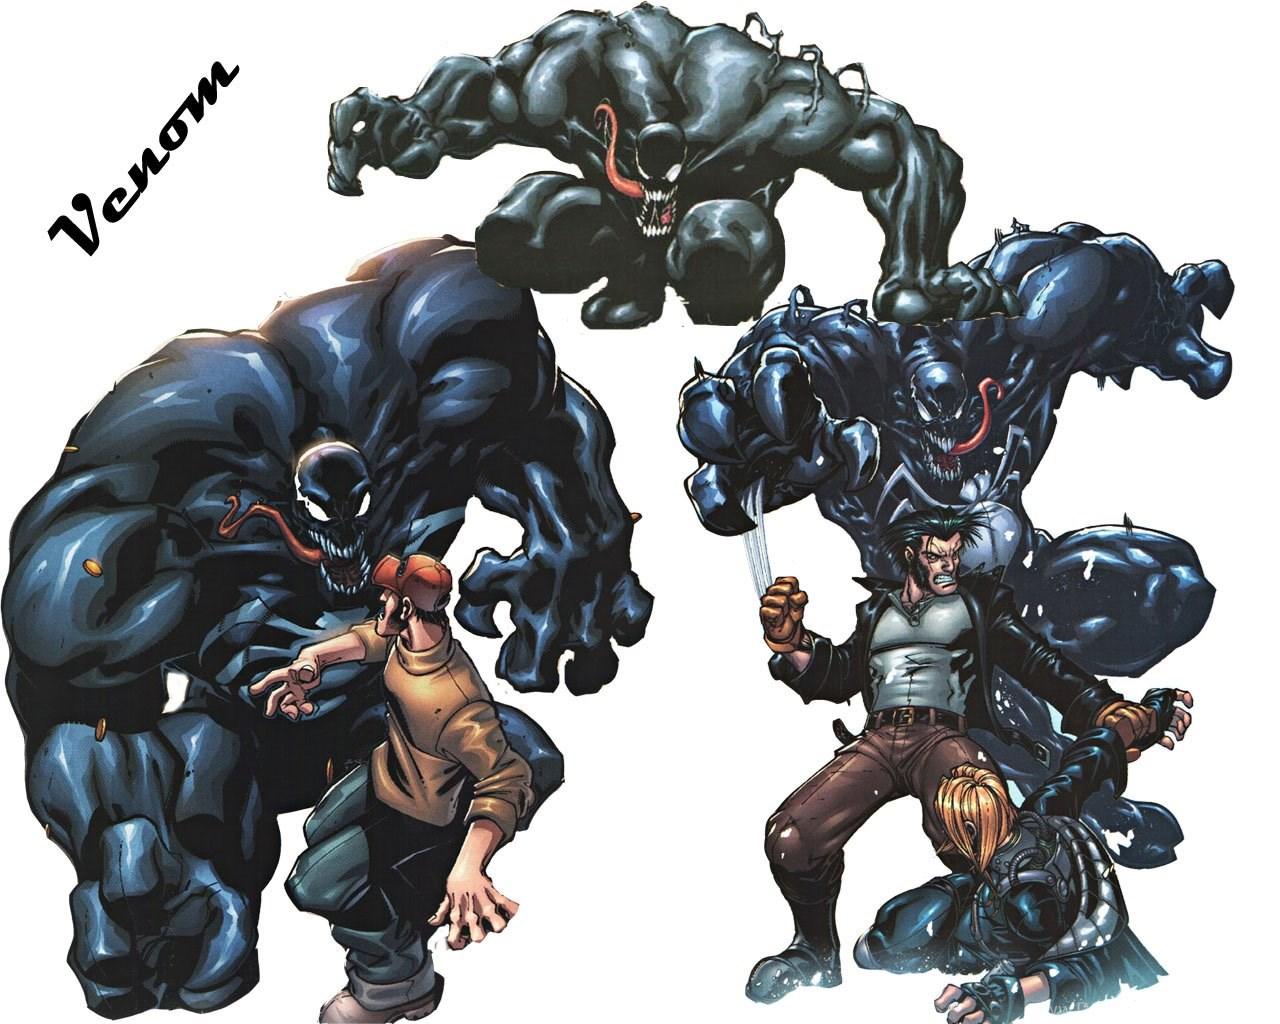 Venom Anti Spidey By Valsomir On DeviantArt Desktop Background